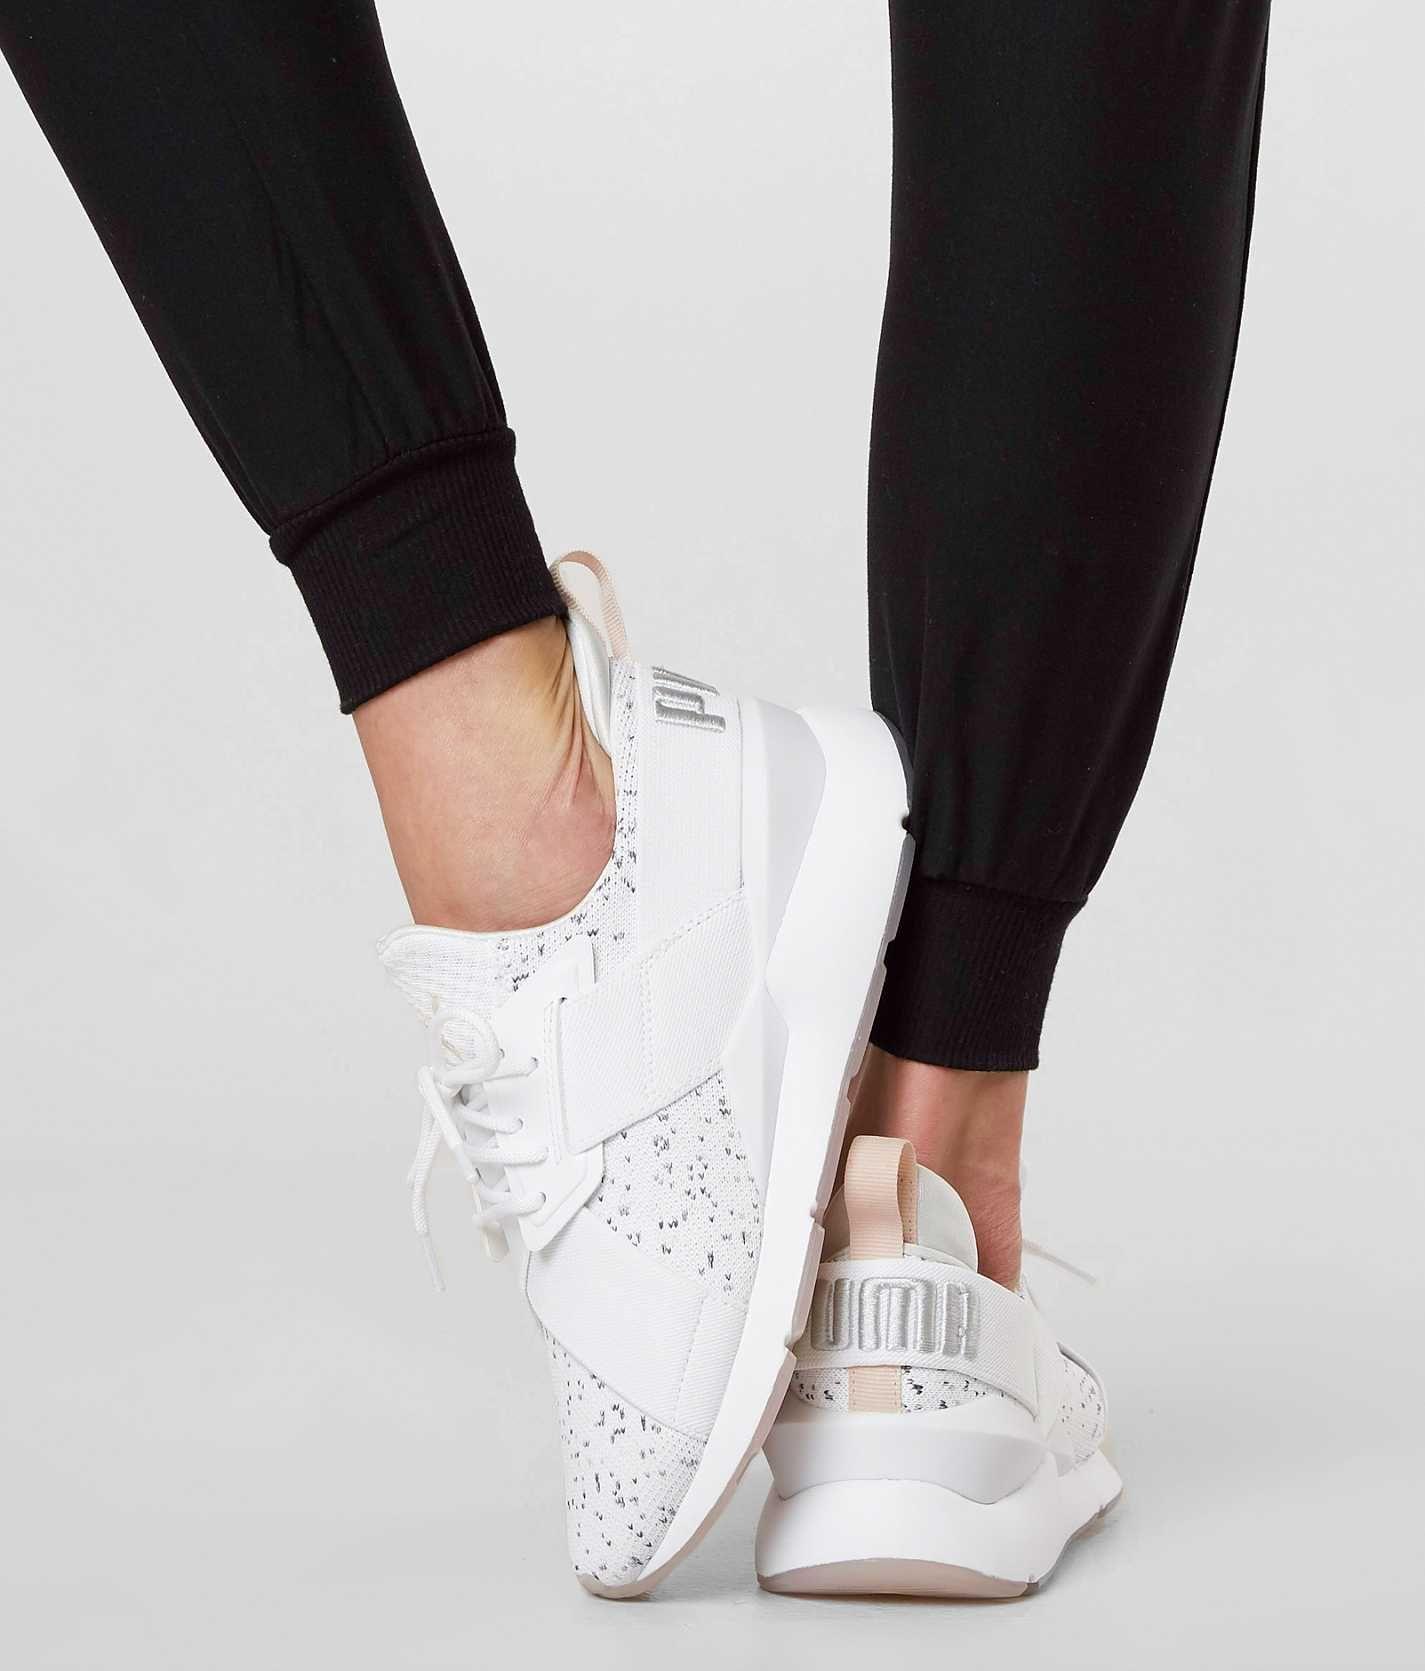 Puma Muse Solst Shoe - Women s Shoes in Puma White Pearl Gray Vio ... 6fa77fe73